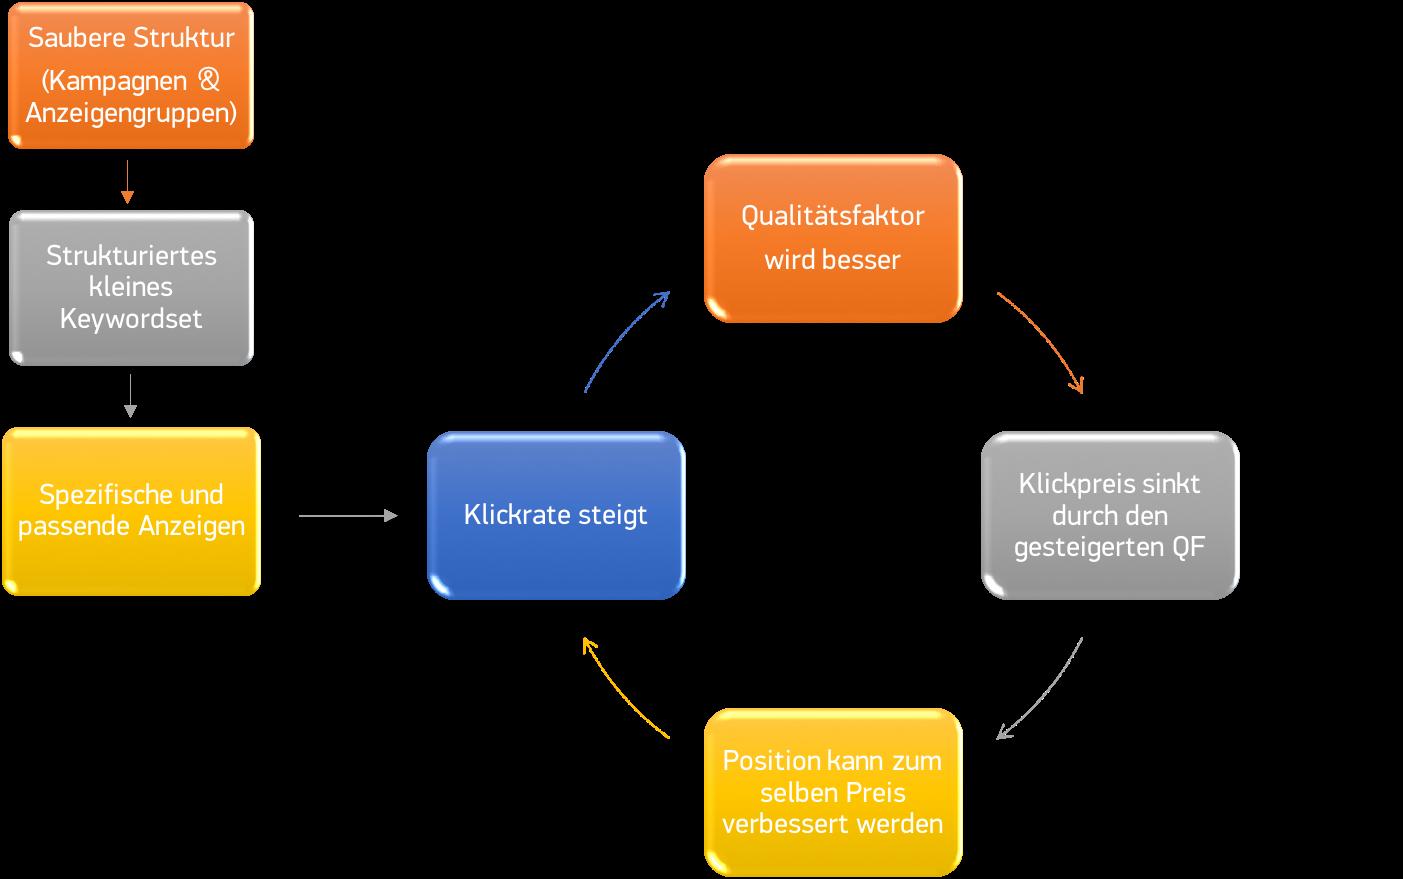 Auswirkungen einer gut angelegten Kontostruktur auf Klickrate, Qualitätsfaktor, Klickpreis und Position